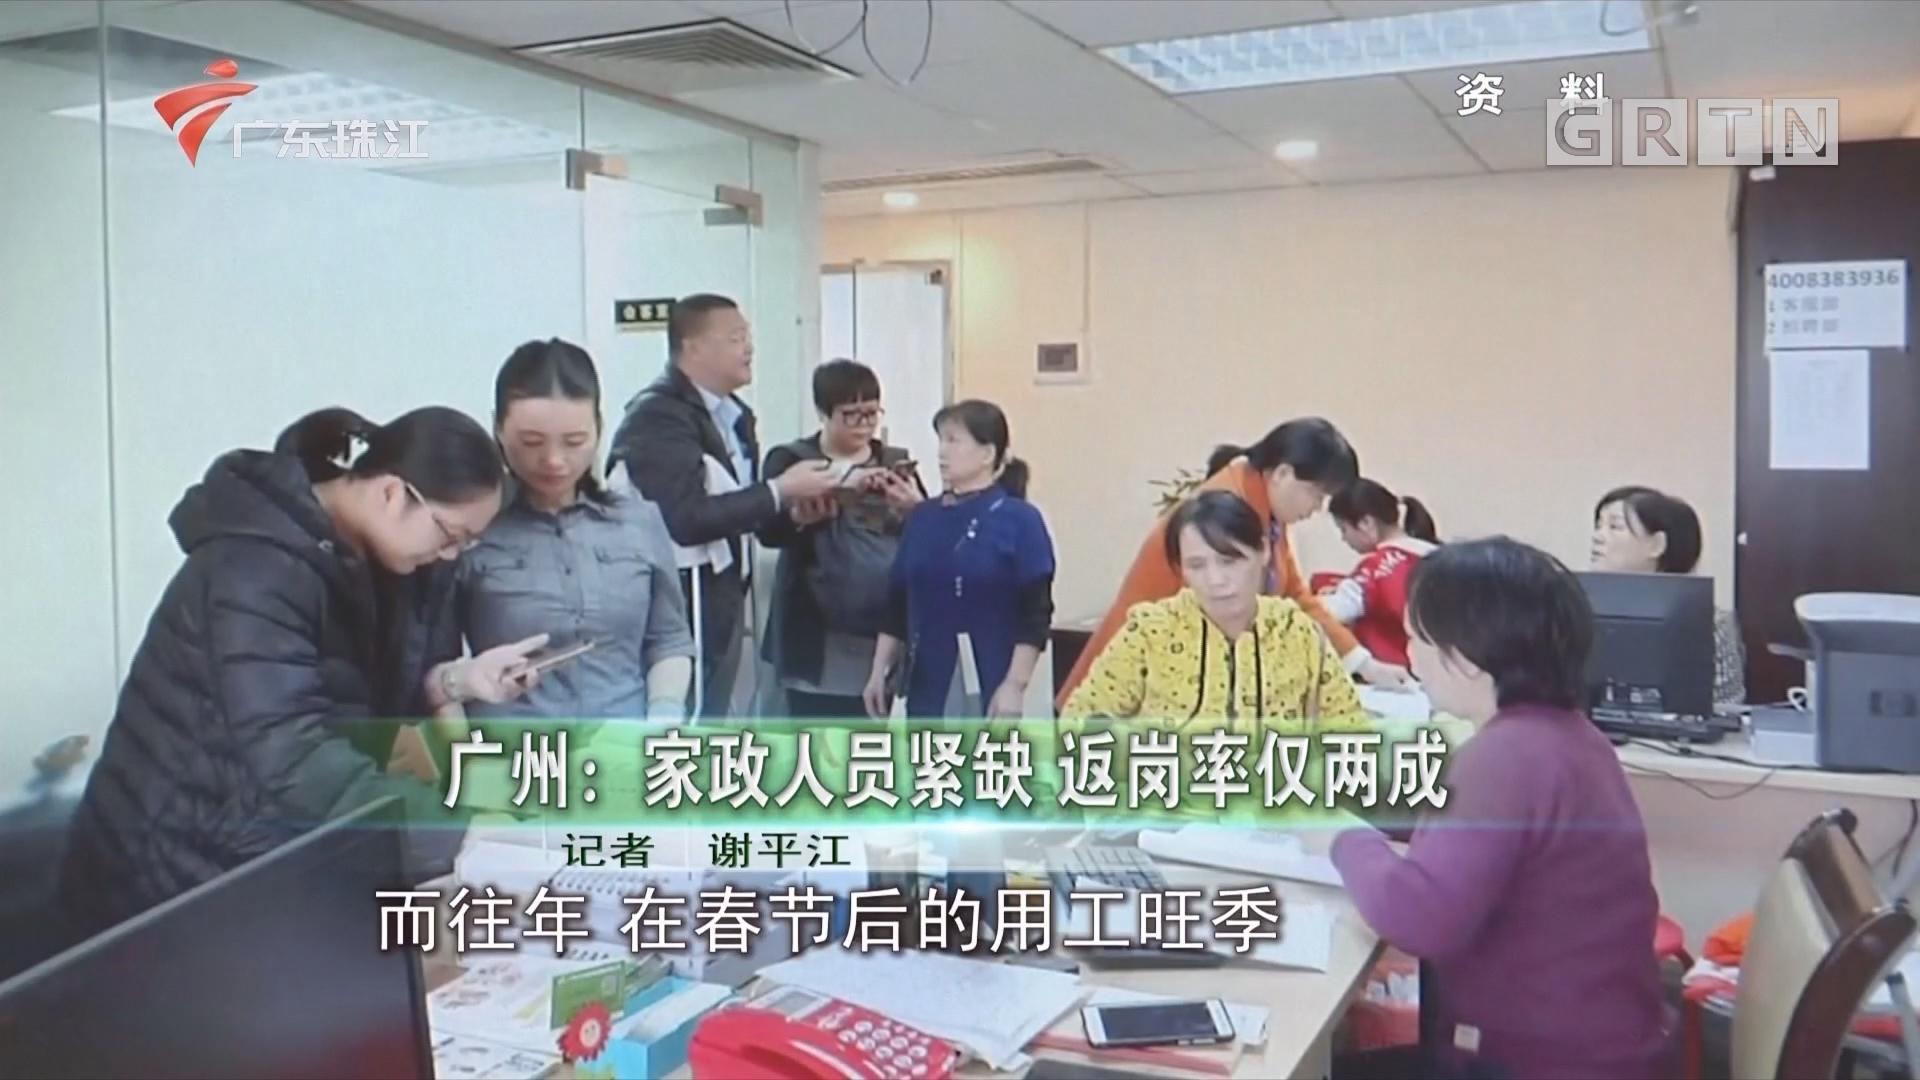 广州:家政人员紧缺 返岗率仅两成